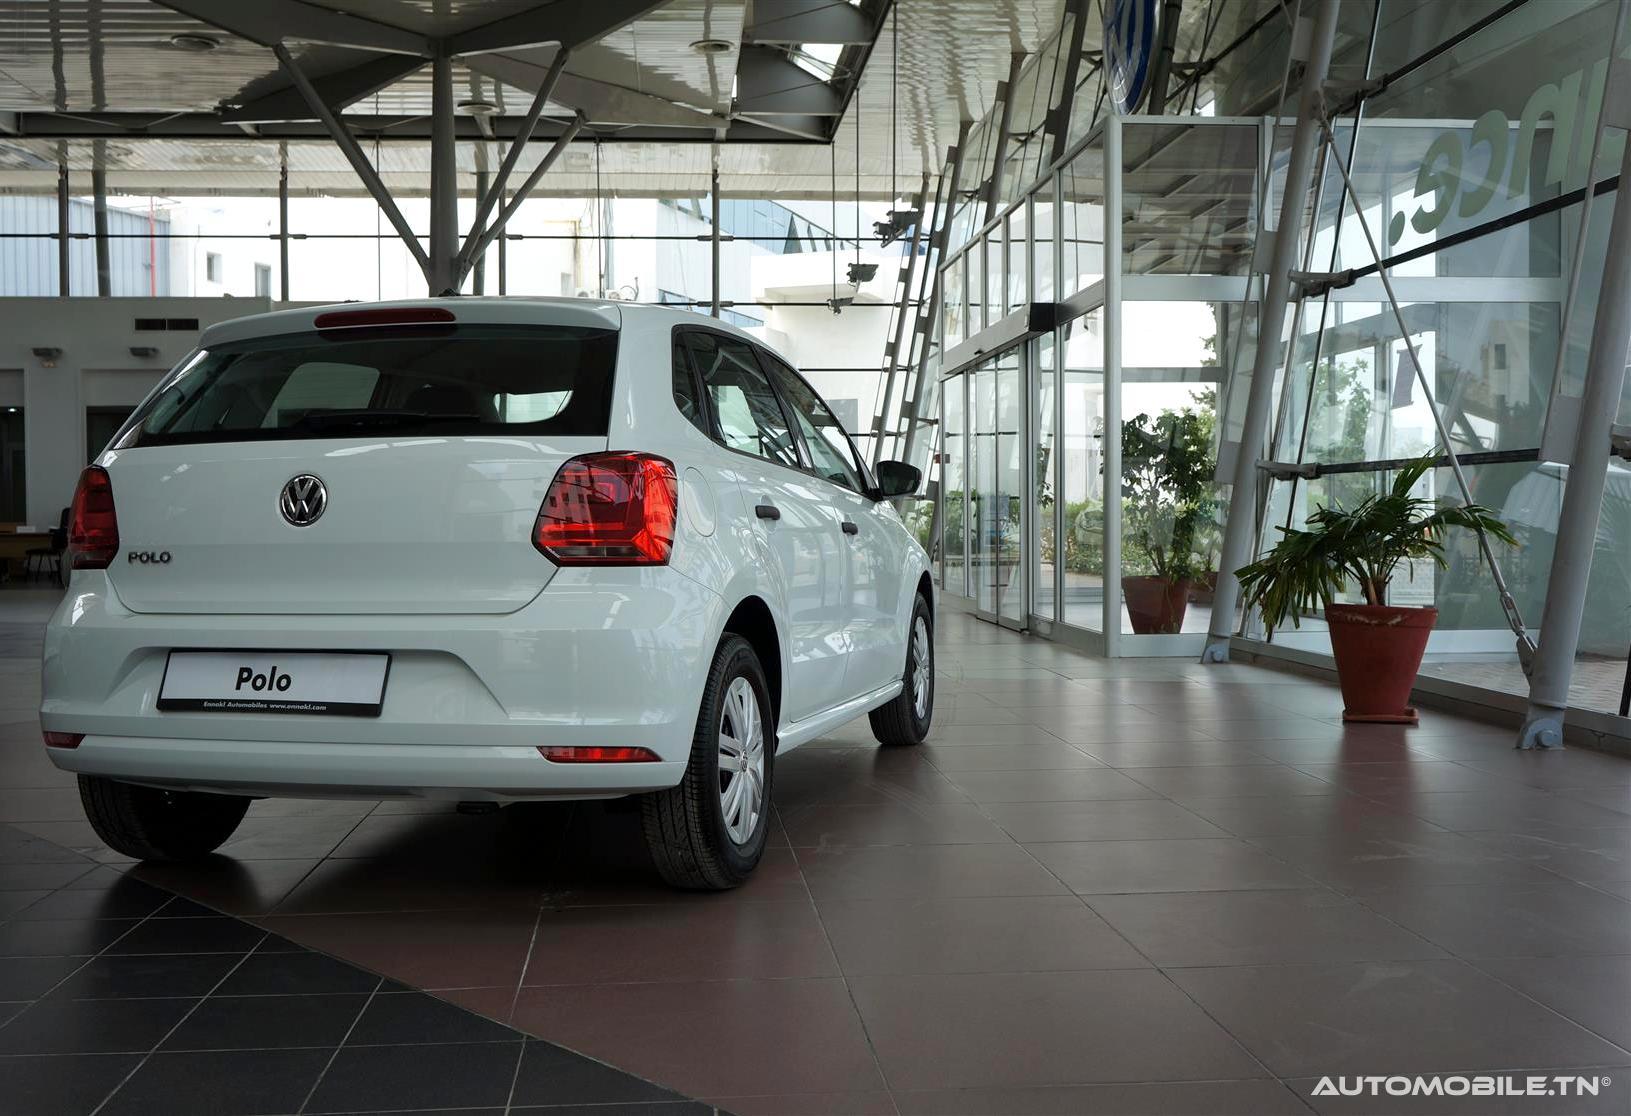 Nouveaut s nouvelle volkswagen polo chez ennakl automobiles for Interieur nouvelle polo